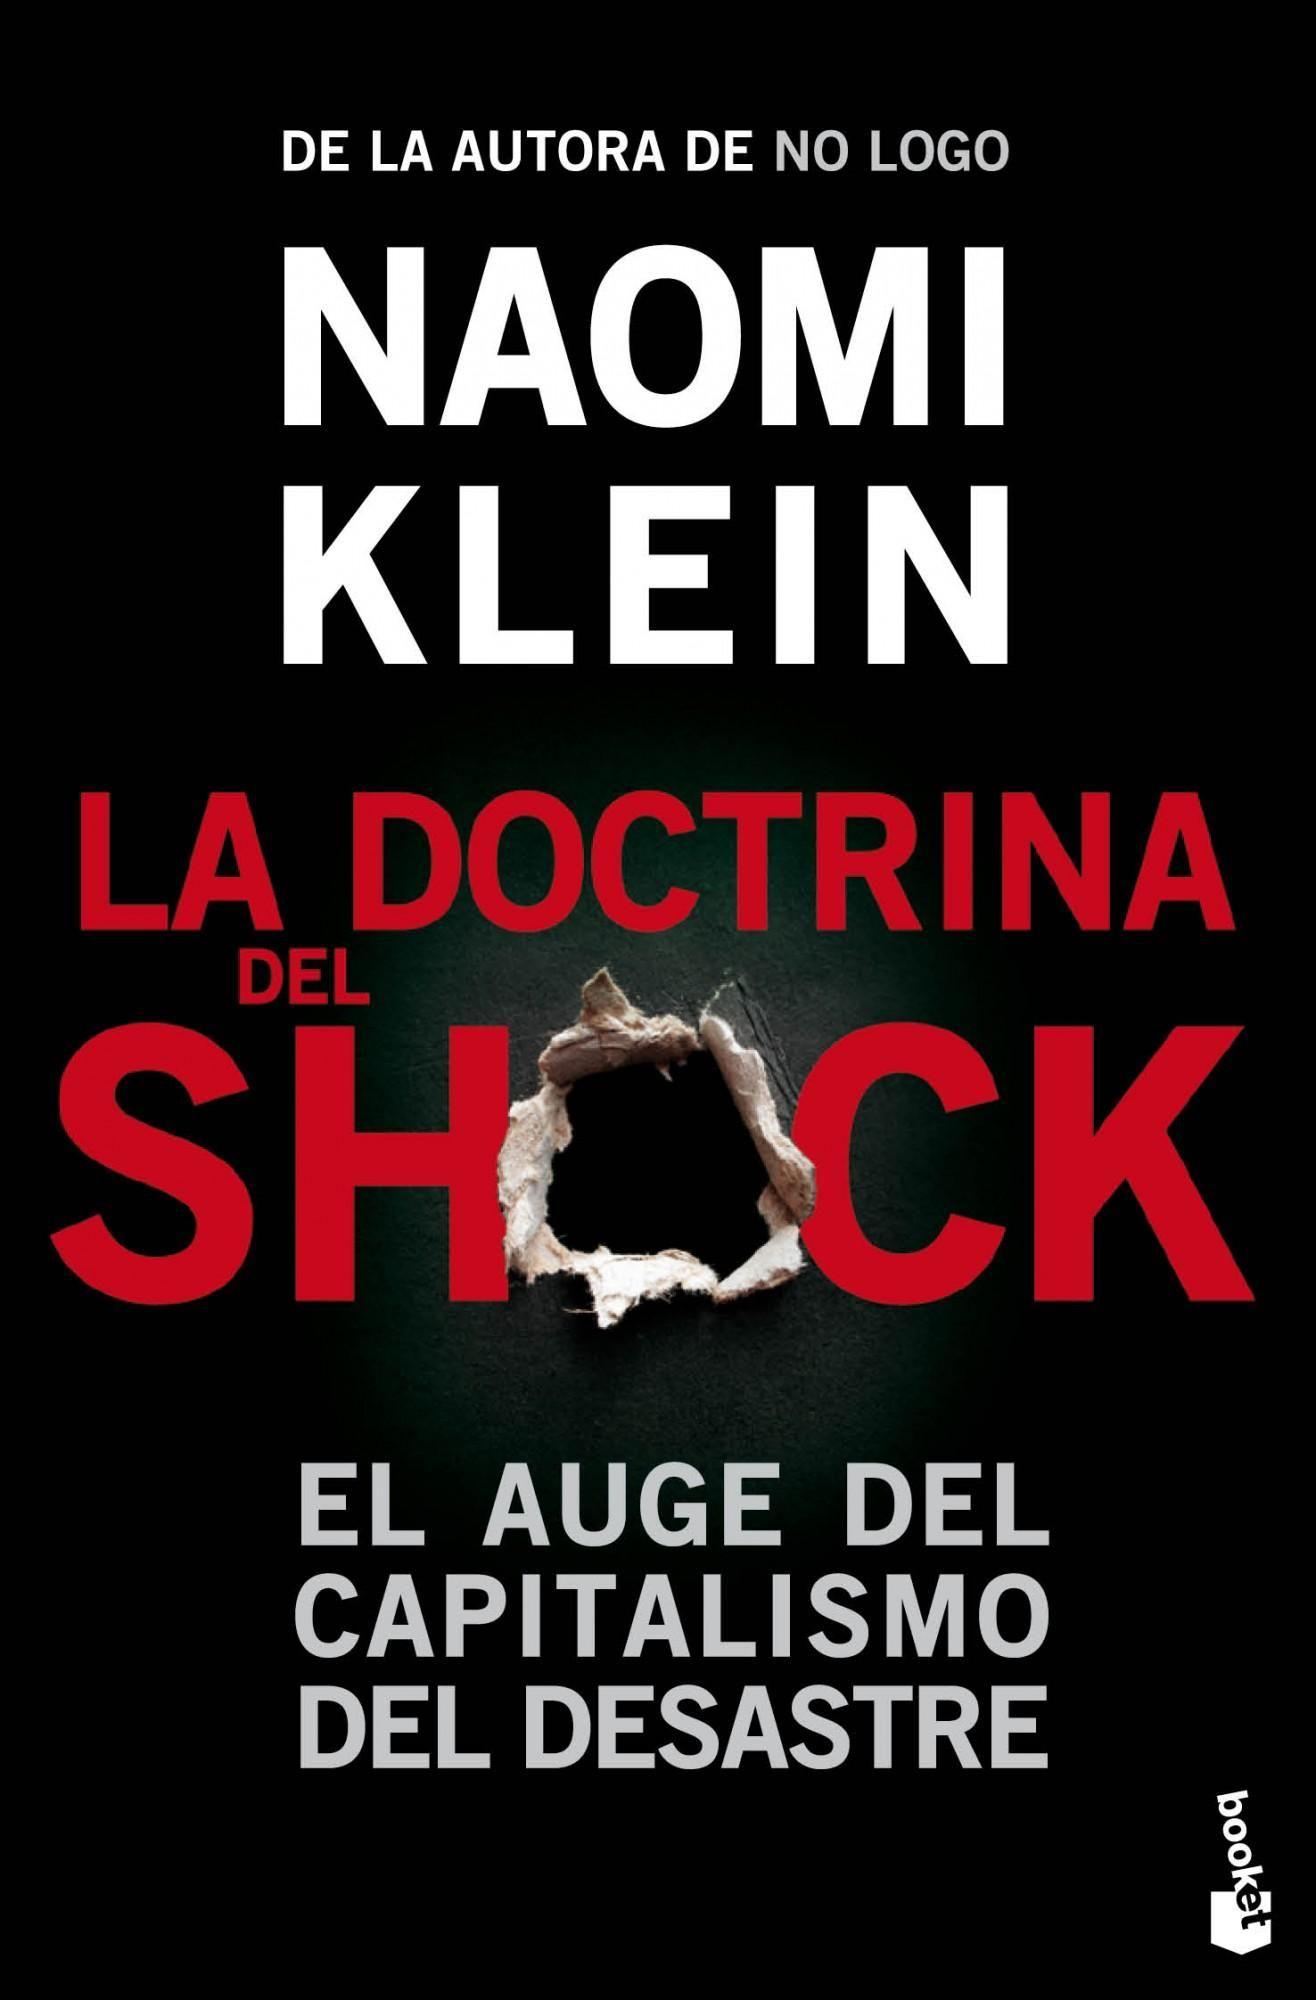 La doctrina del shock : el auge del capitalismo del desastre / Naomi Klein Edición1ª ed. en colección Booket PublicaciónBarcelona : Paidós, 2012